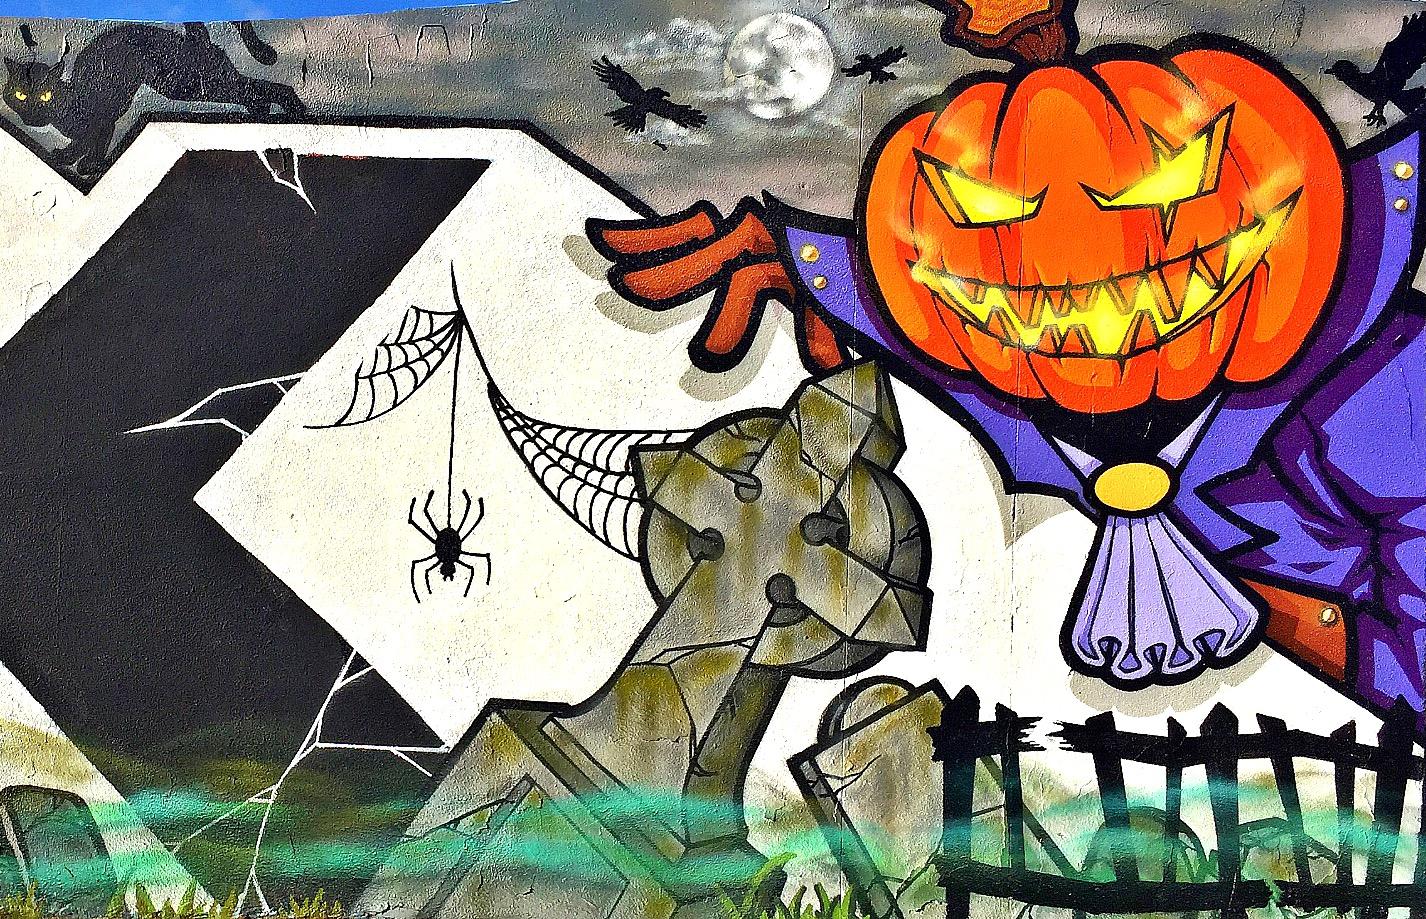 Halloween mural for Wynwood Fear Factory event by Diskolab Wynwood, Fl